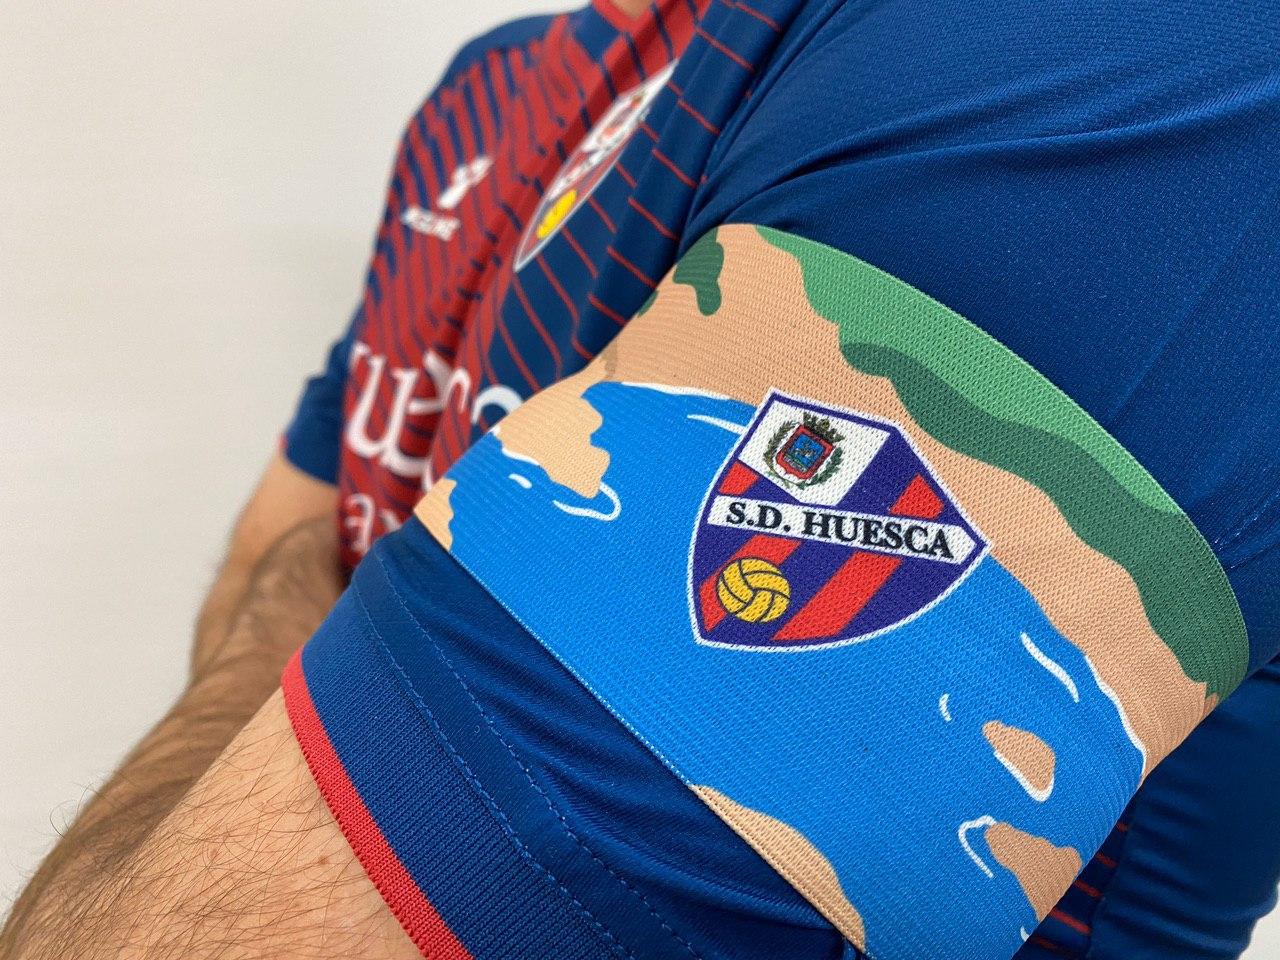 SD Huesca's armband vs Girona FC